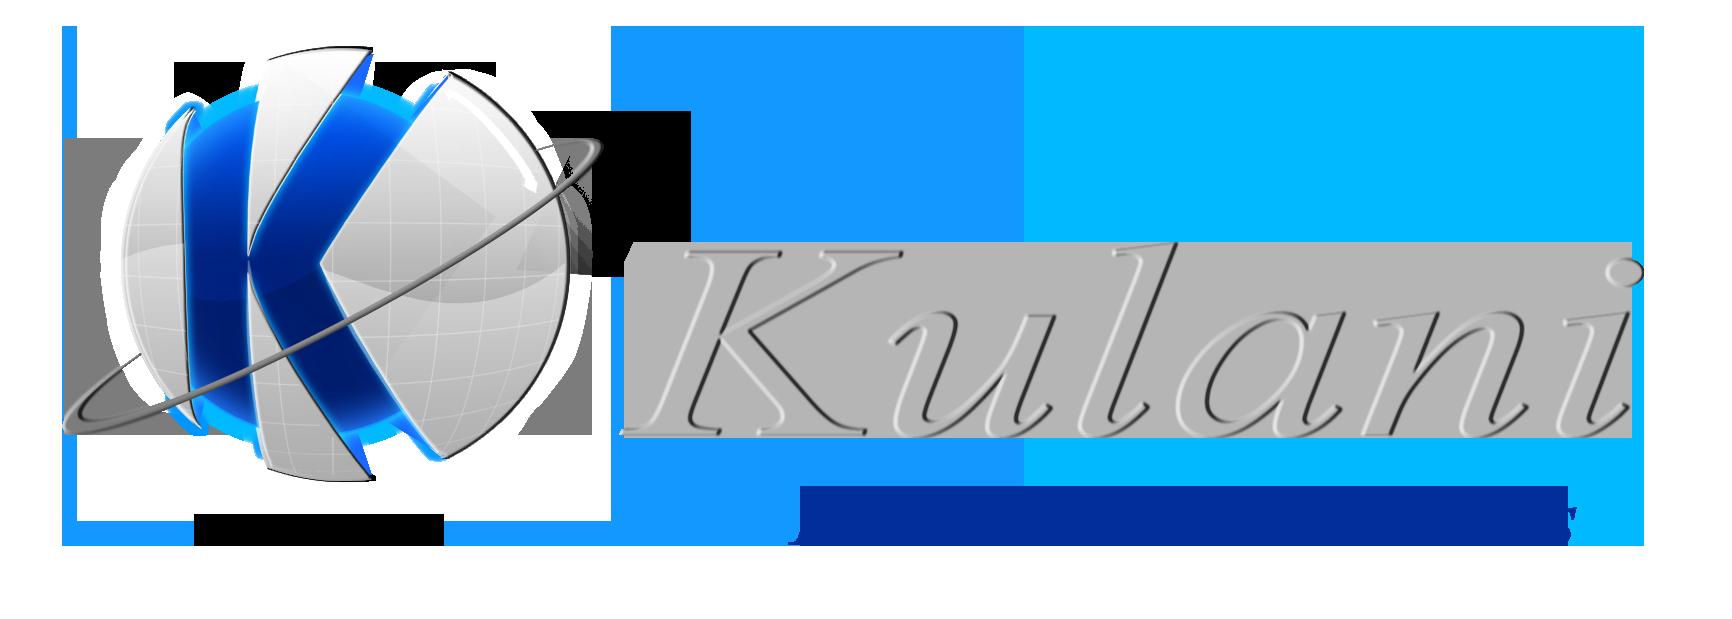 kulani ict solutions logo